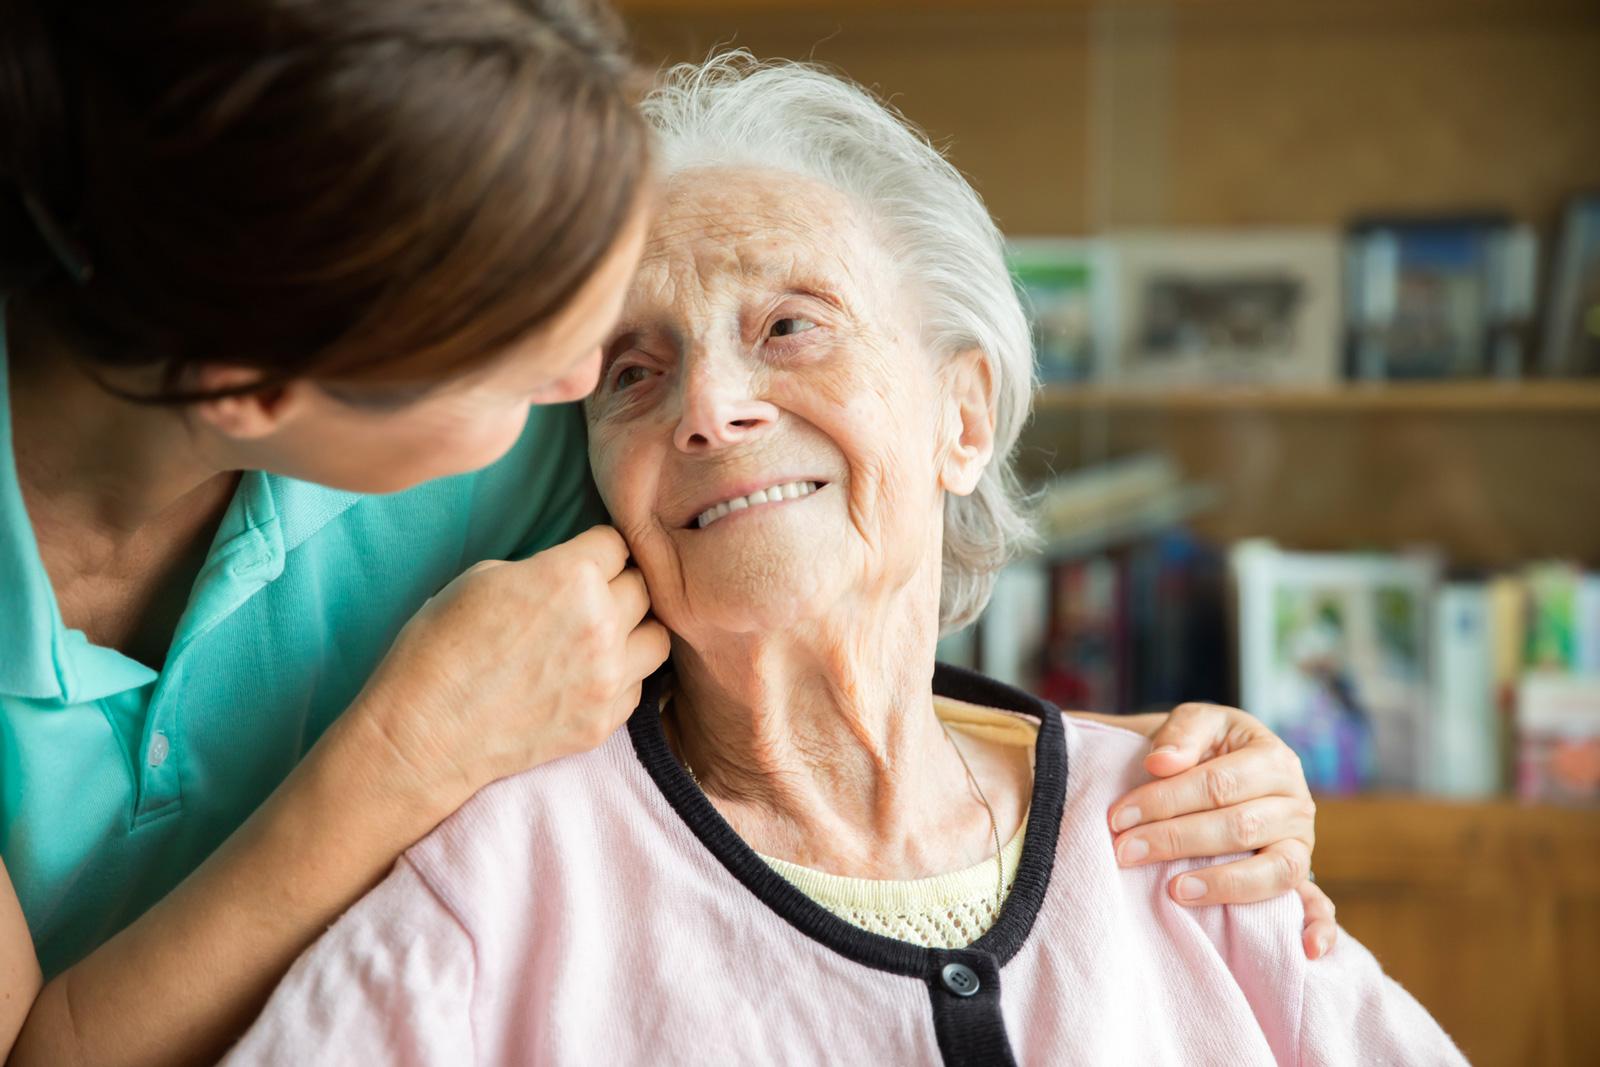 Die verbleibende Zeit genießen: Pflege ist harte Arbeit. Aber sie ermöglicht auch, die Beziehung zu den Angehörigen wieder zu intensivieren.